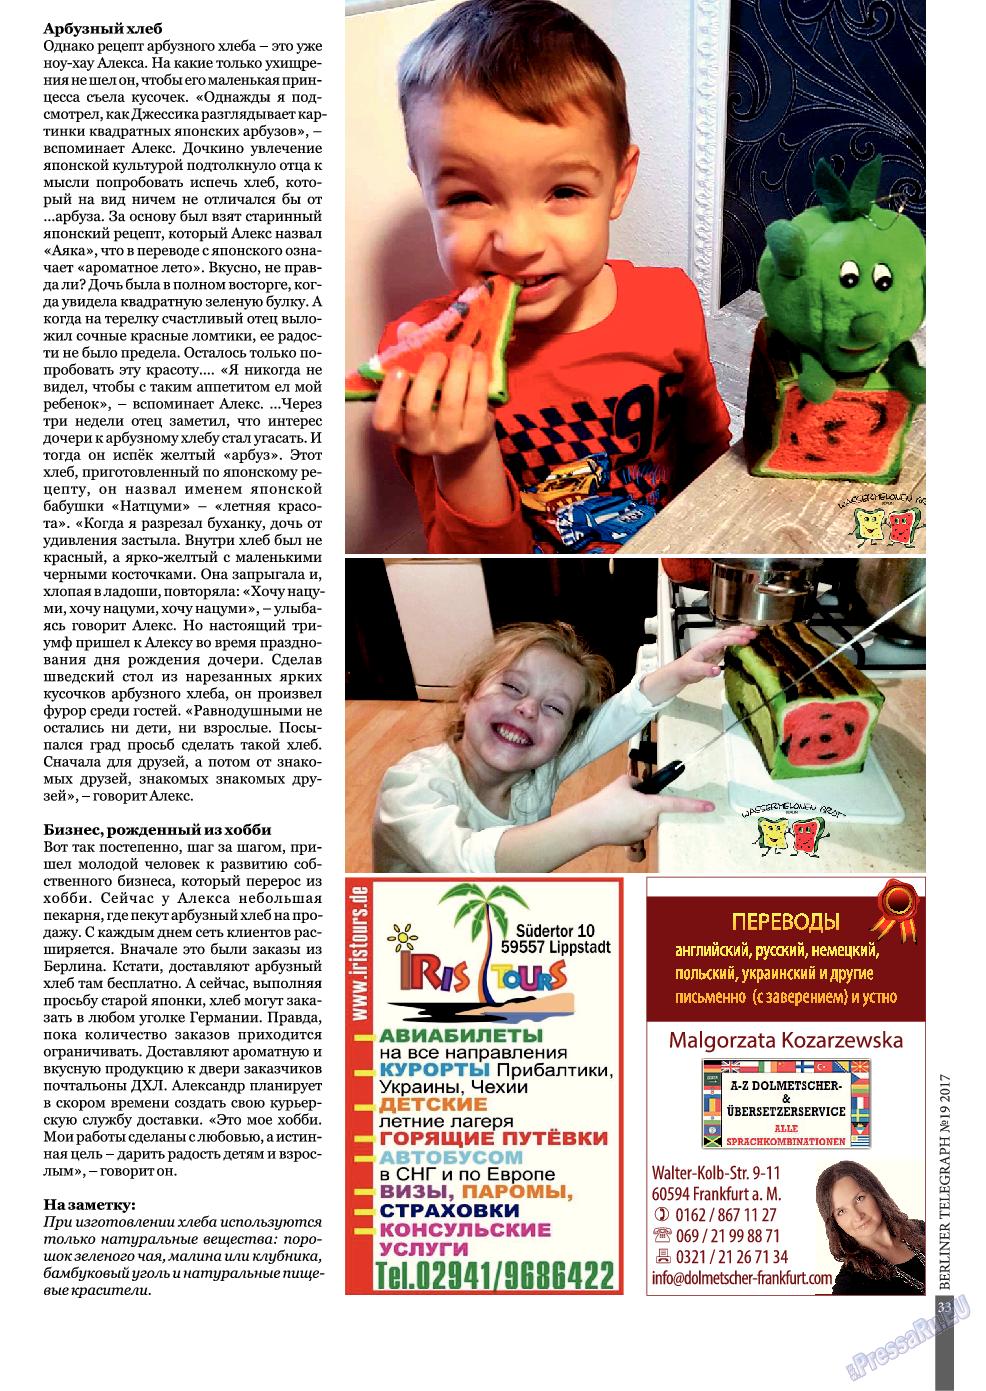 Берлинский телеграф (журнал). 2017 год, номер 19, стр. 33